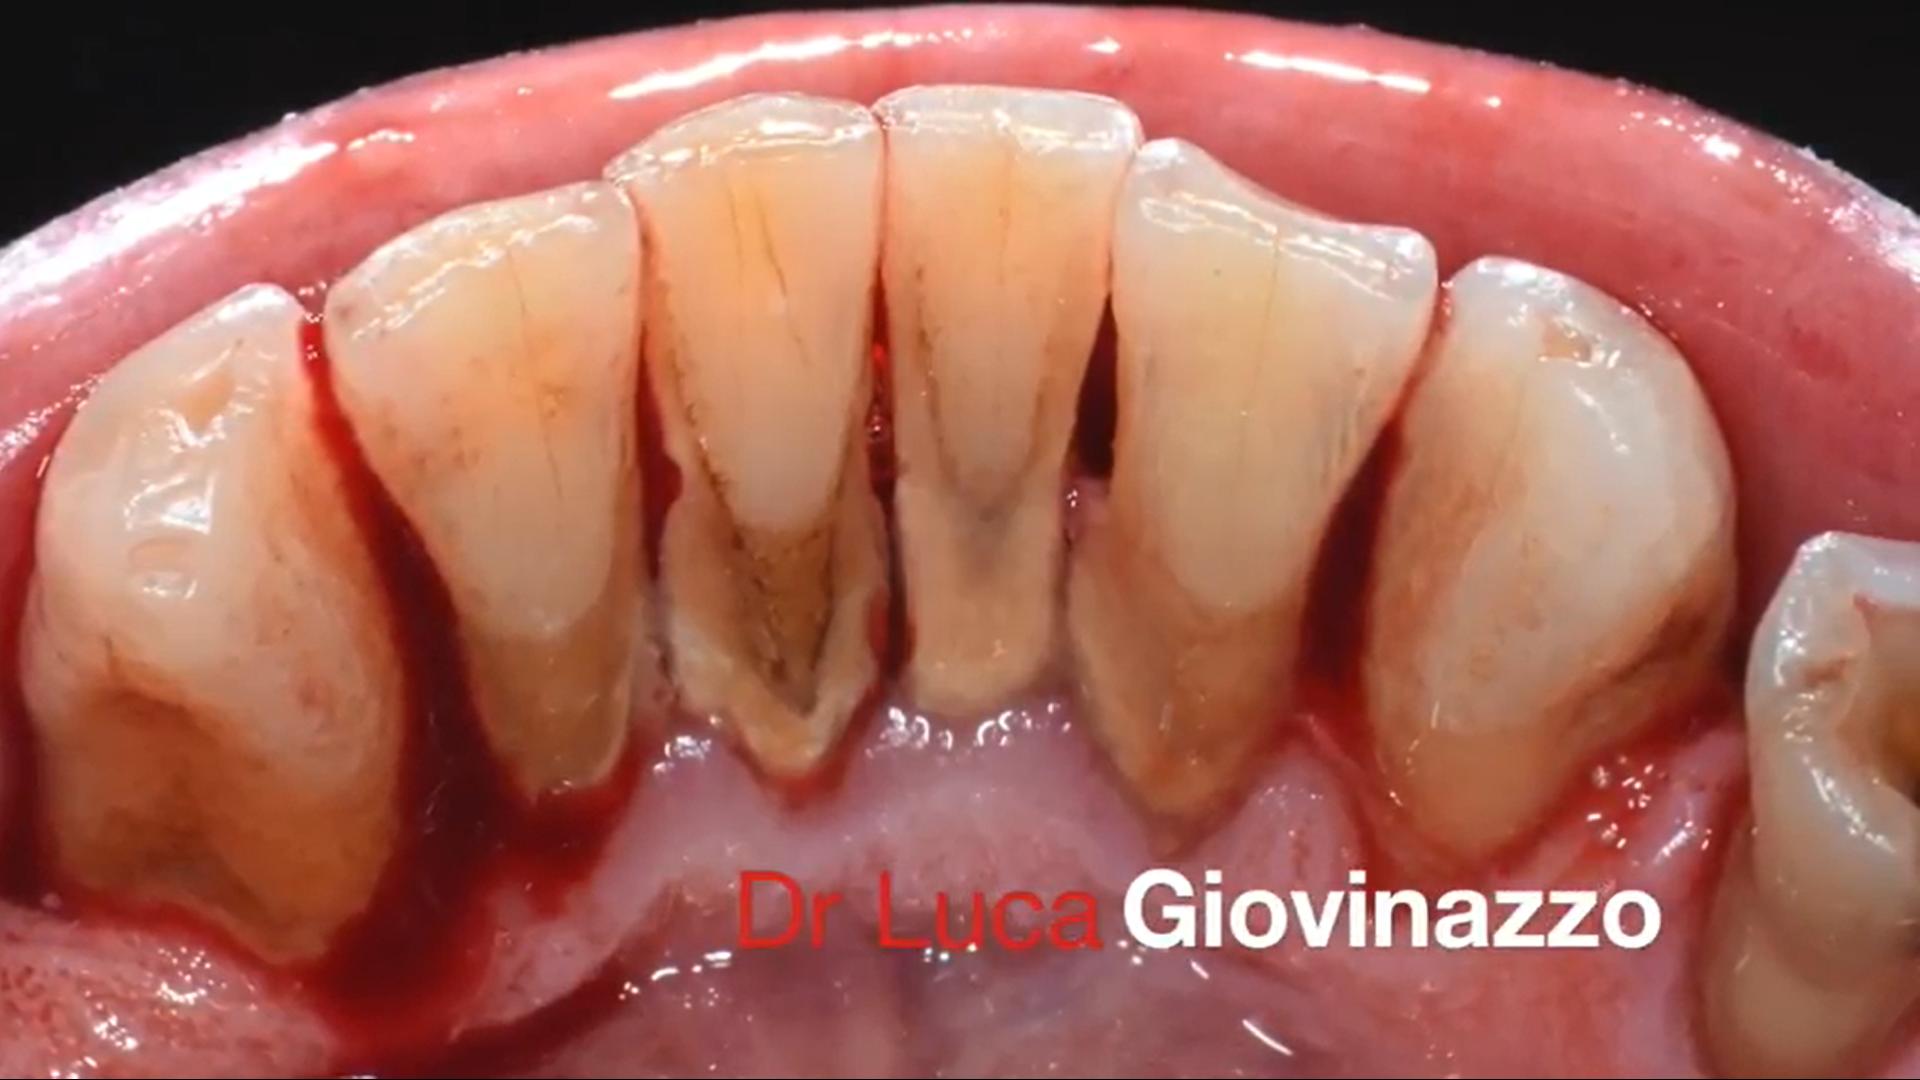 Caso clinico del Dr Luca Giovinazzo